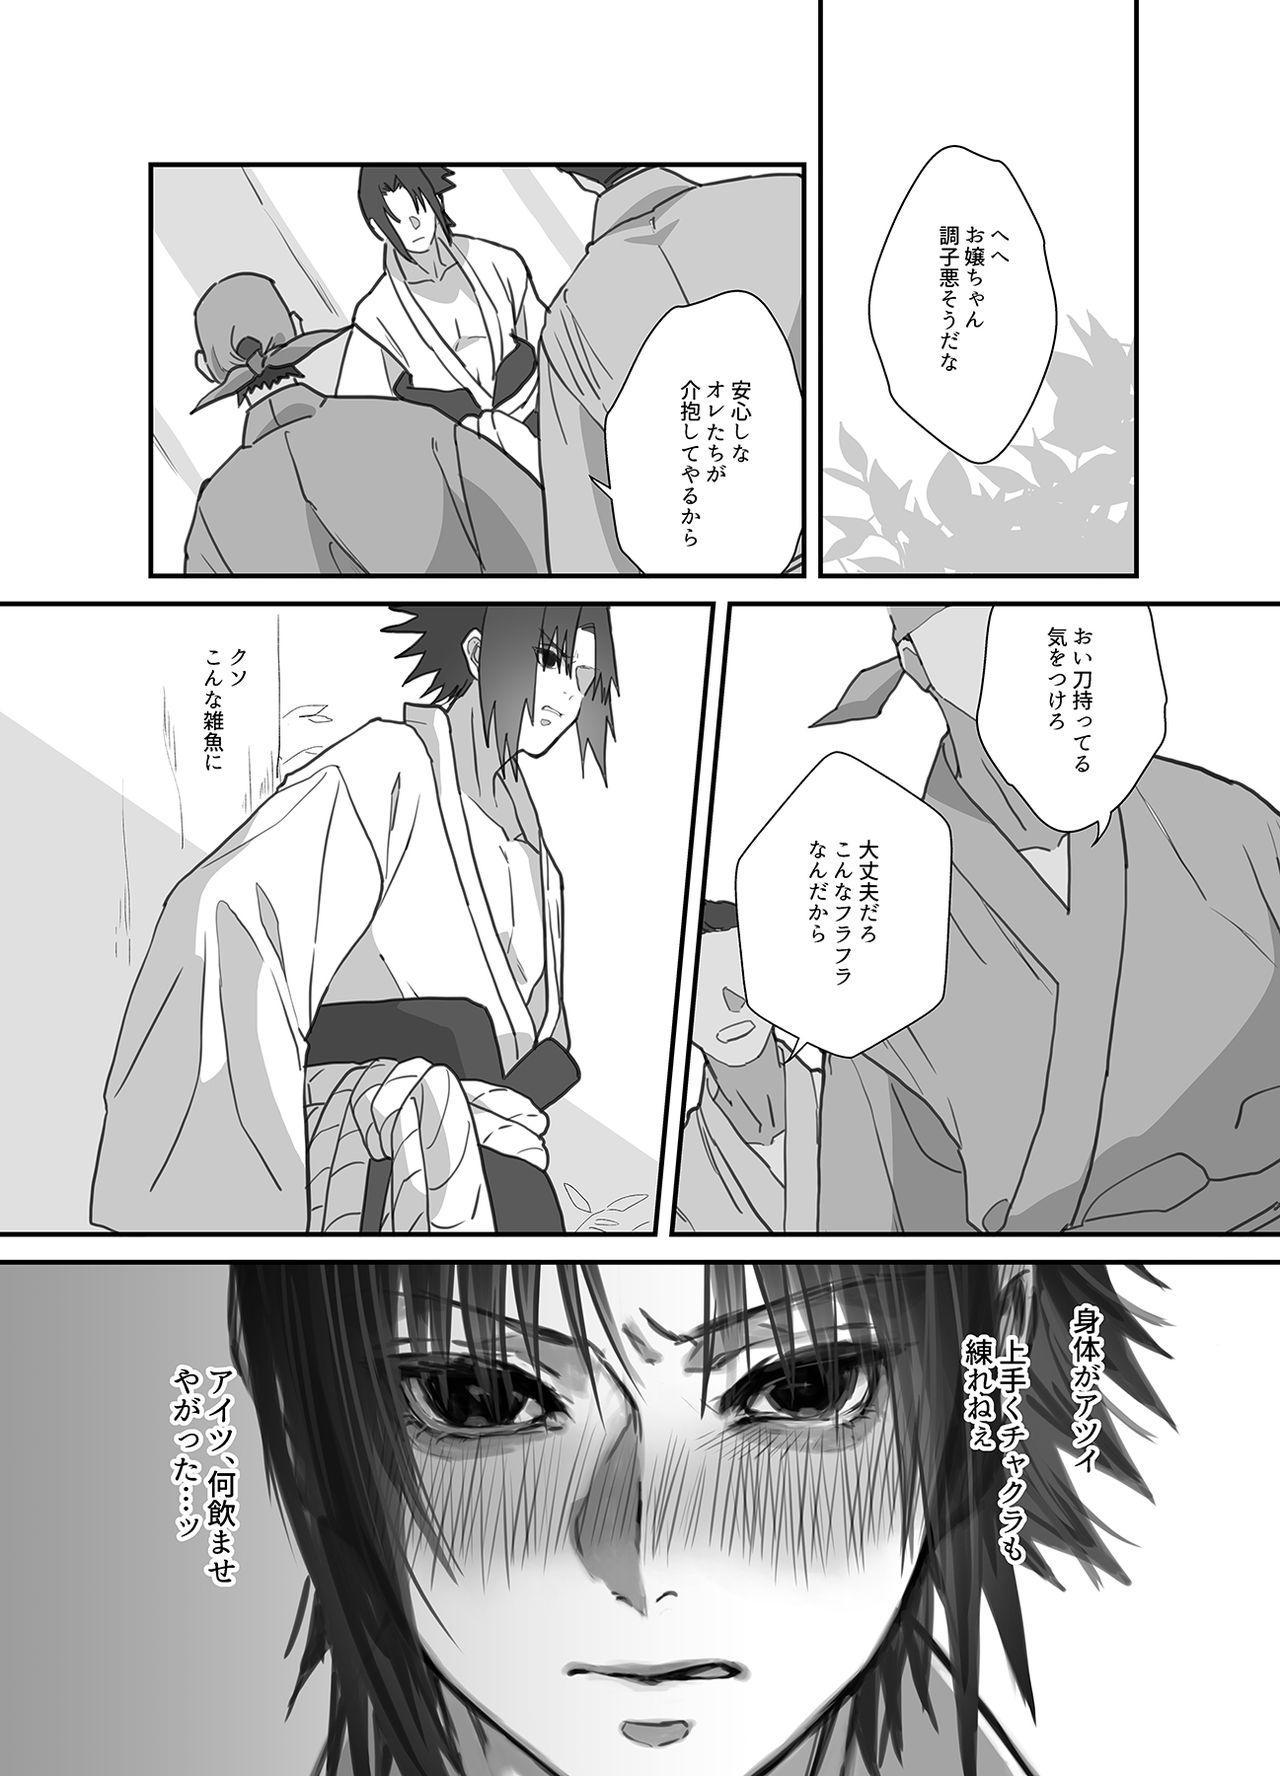 NaruSasu Only Kaisei Omedetougozaimasu! 3